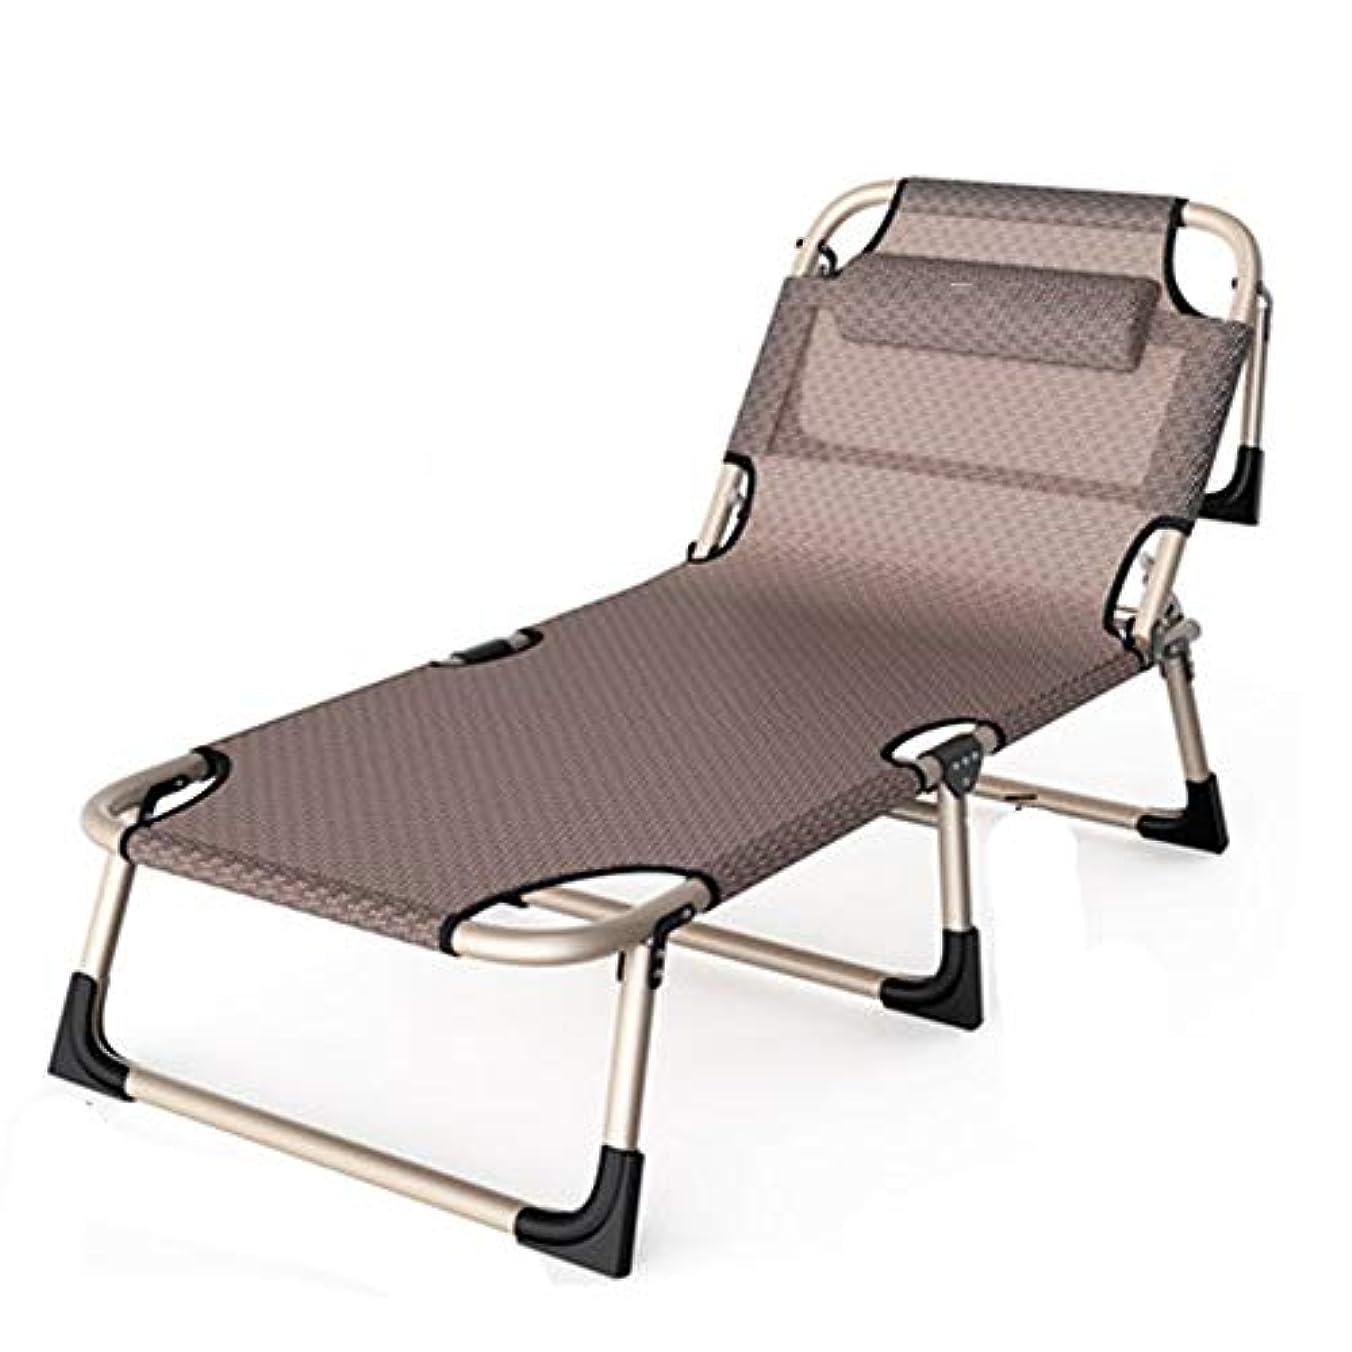 マラソン精度病な夏通気性シングル折りたたみベッド、キャンプベッド、シンプルなポータブルベッド、ムッとしません (Size : A)